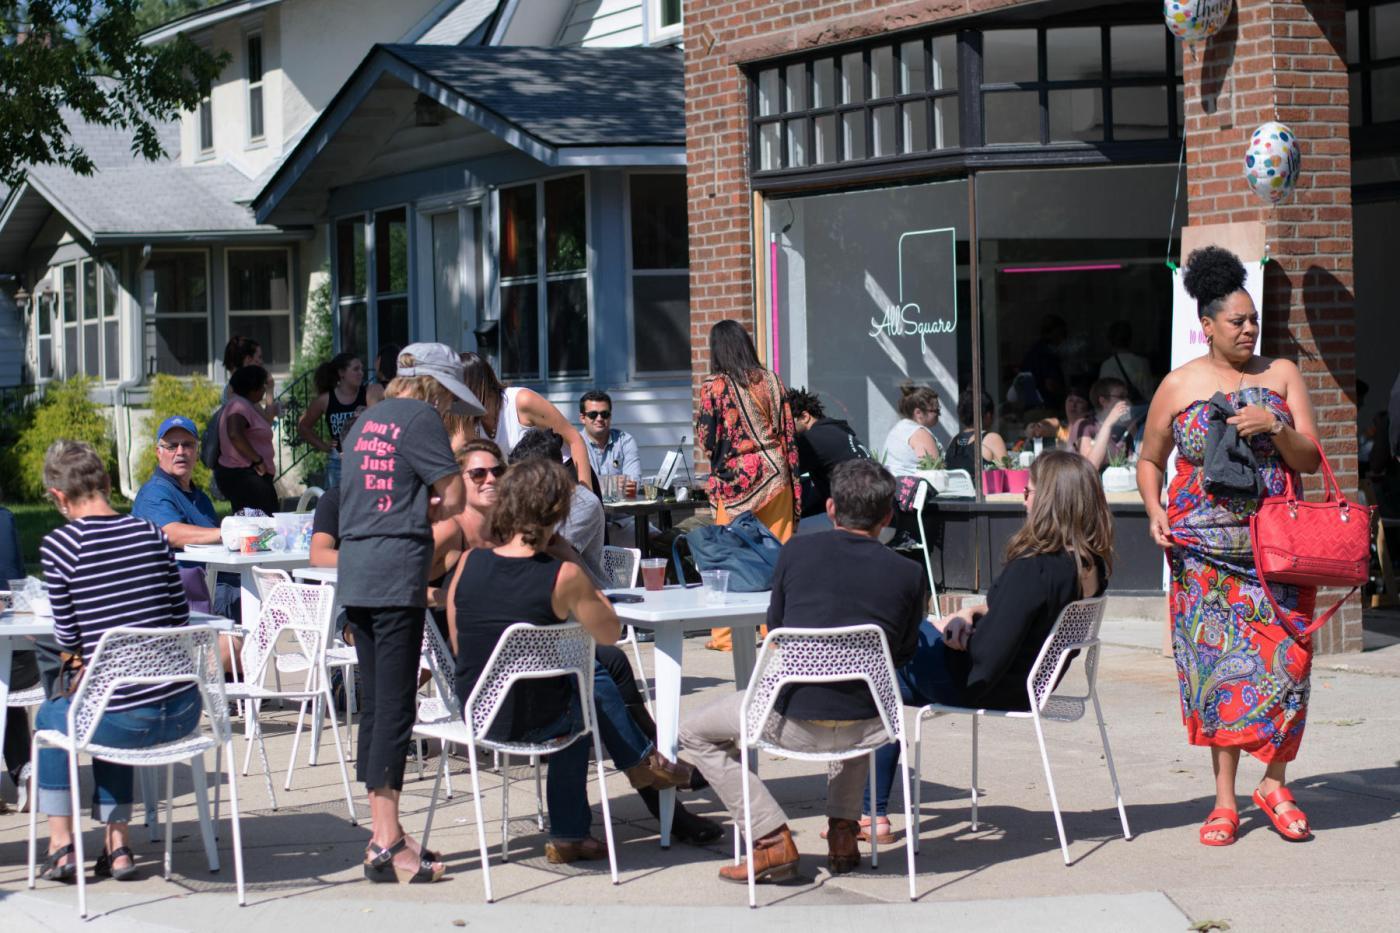 All Square restaurant patio